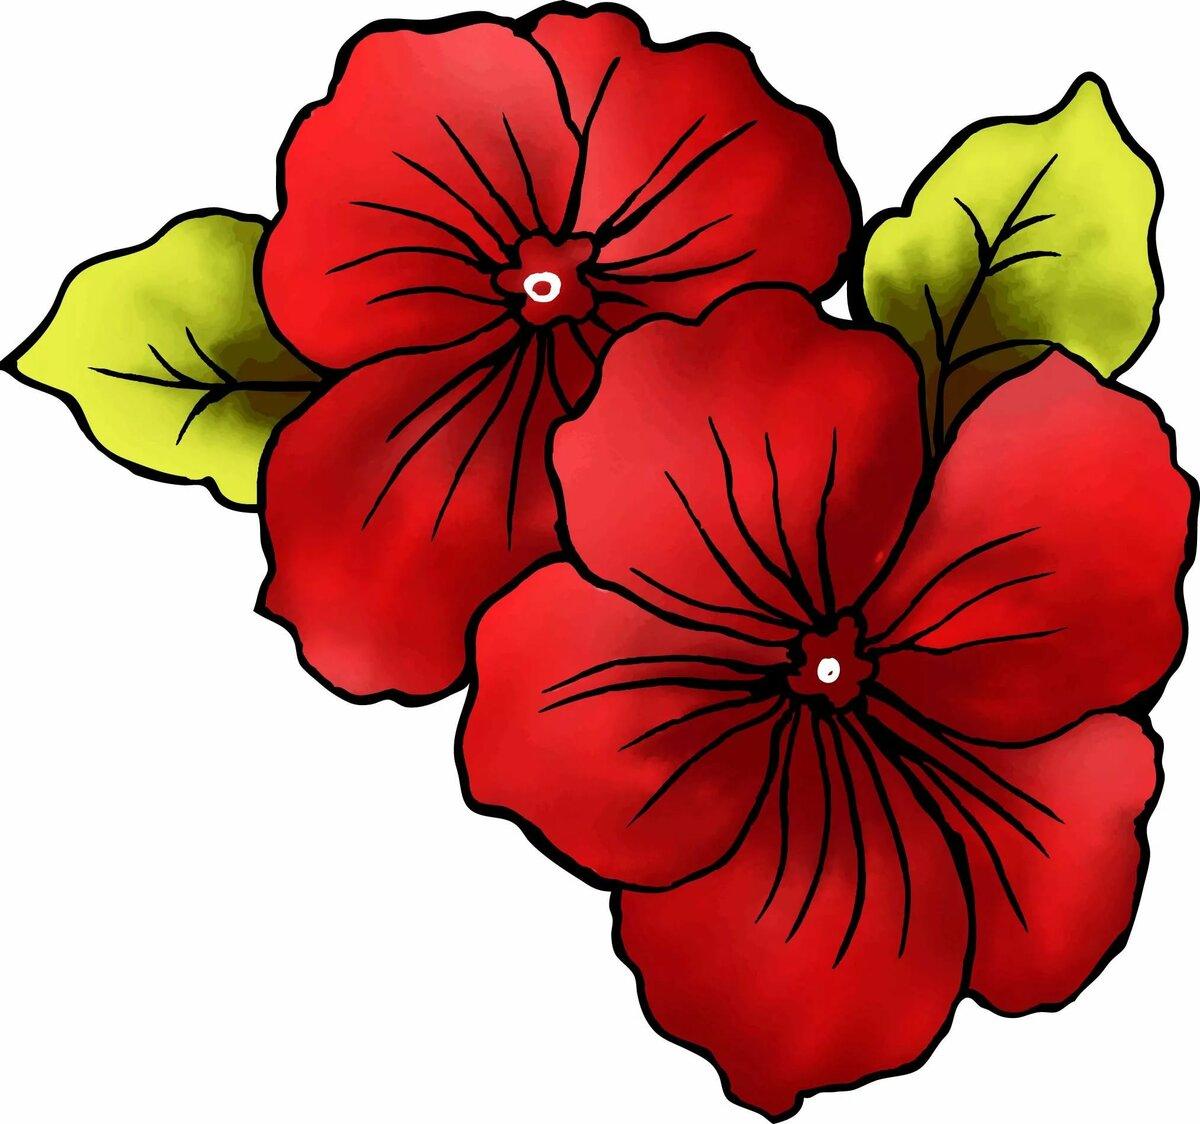 популярный вид рисунок цветы картинка сожалению, позволить